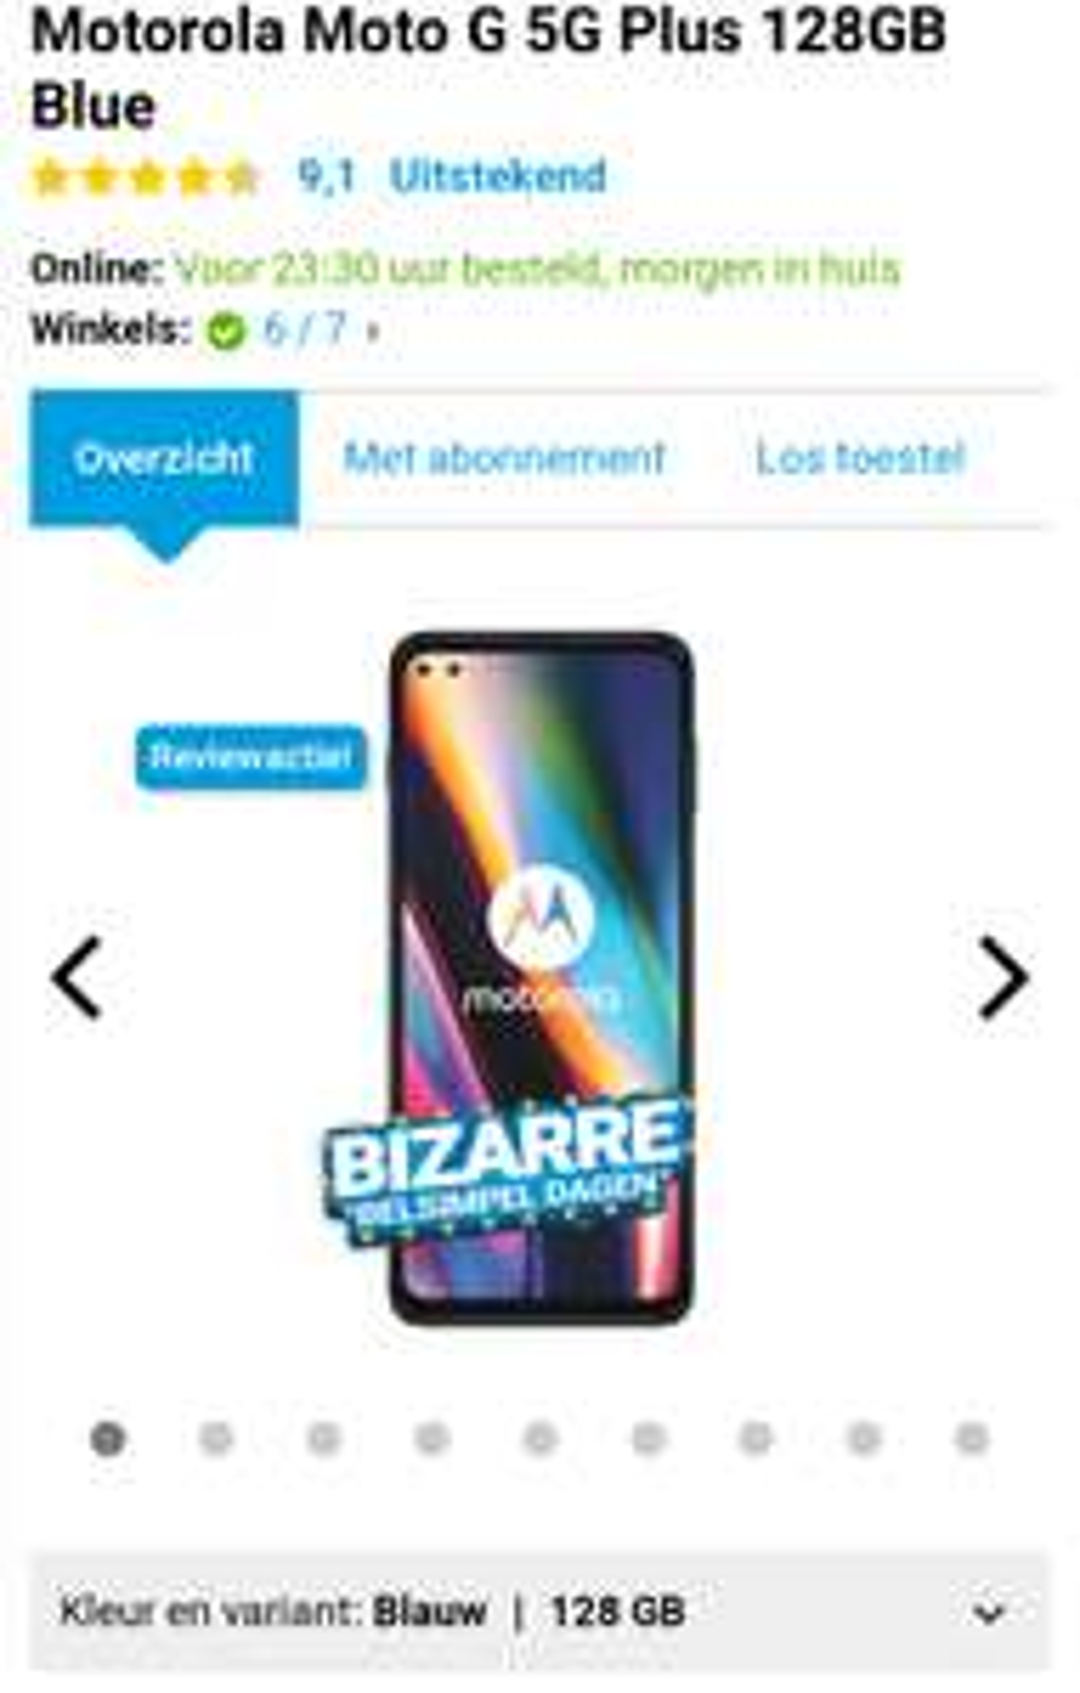 [Laagste prijs ooit] Motorola Moto G 5G Plus 128GB @ Belsimpel